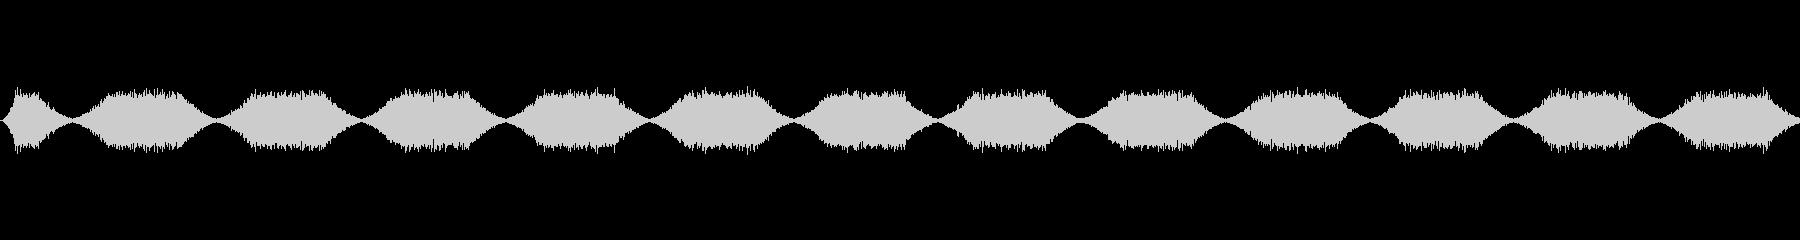 ボーボー(8bitの炎の音です)の未再生の波形